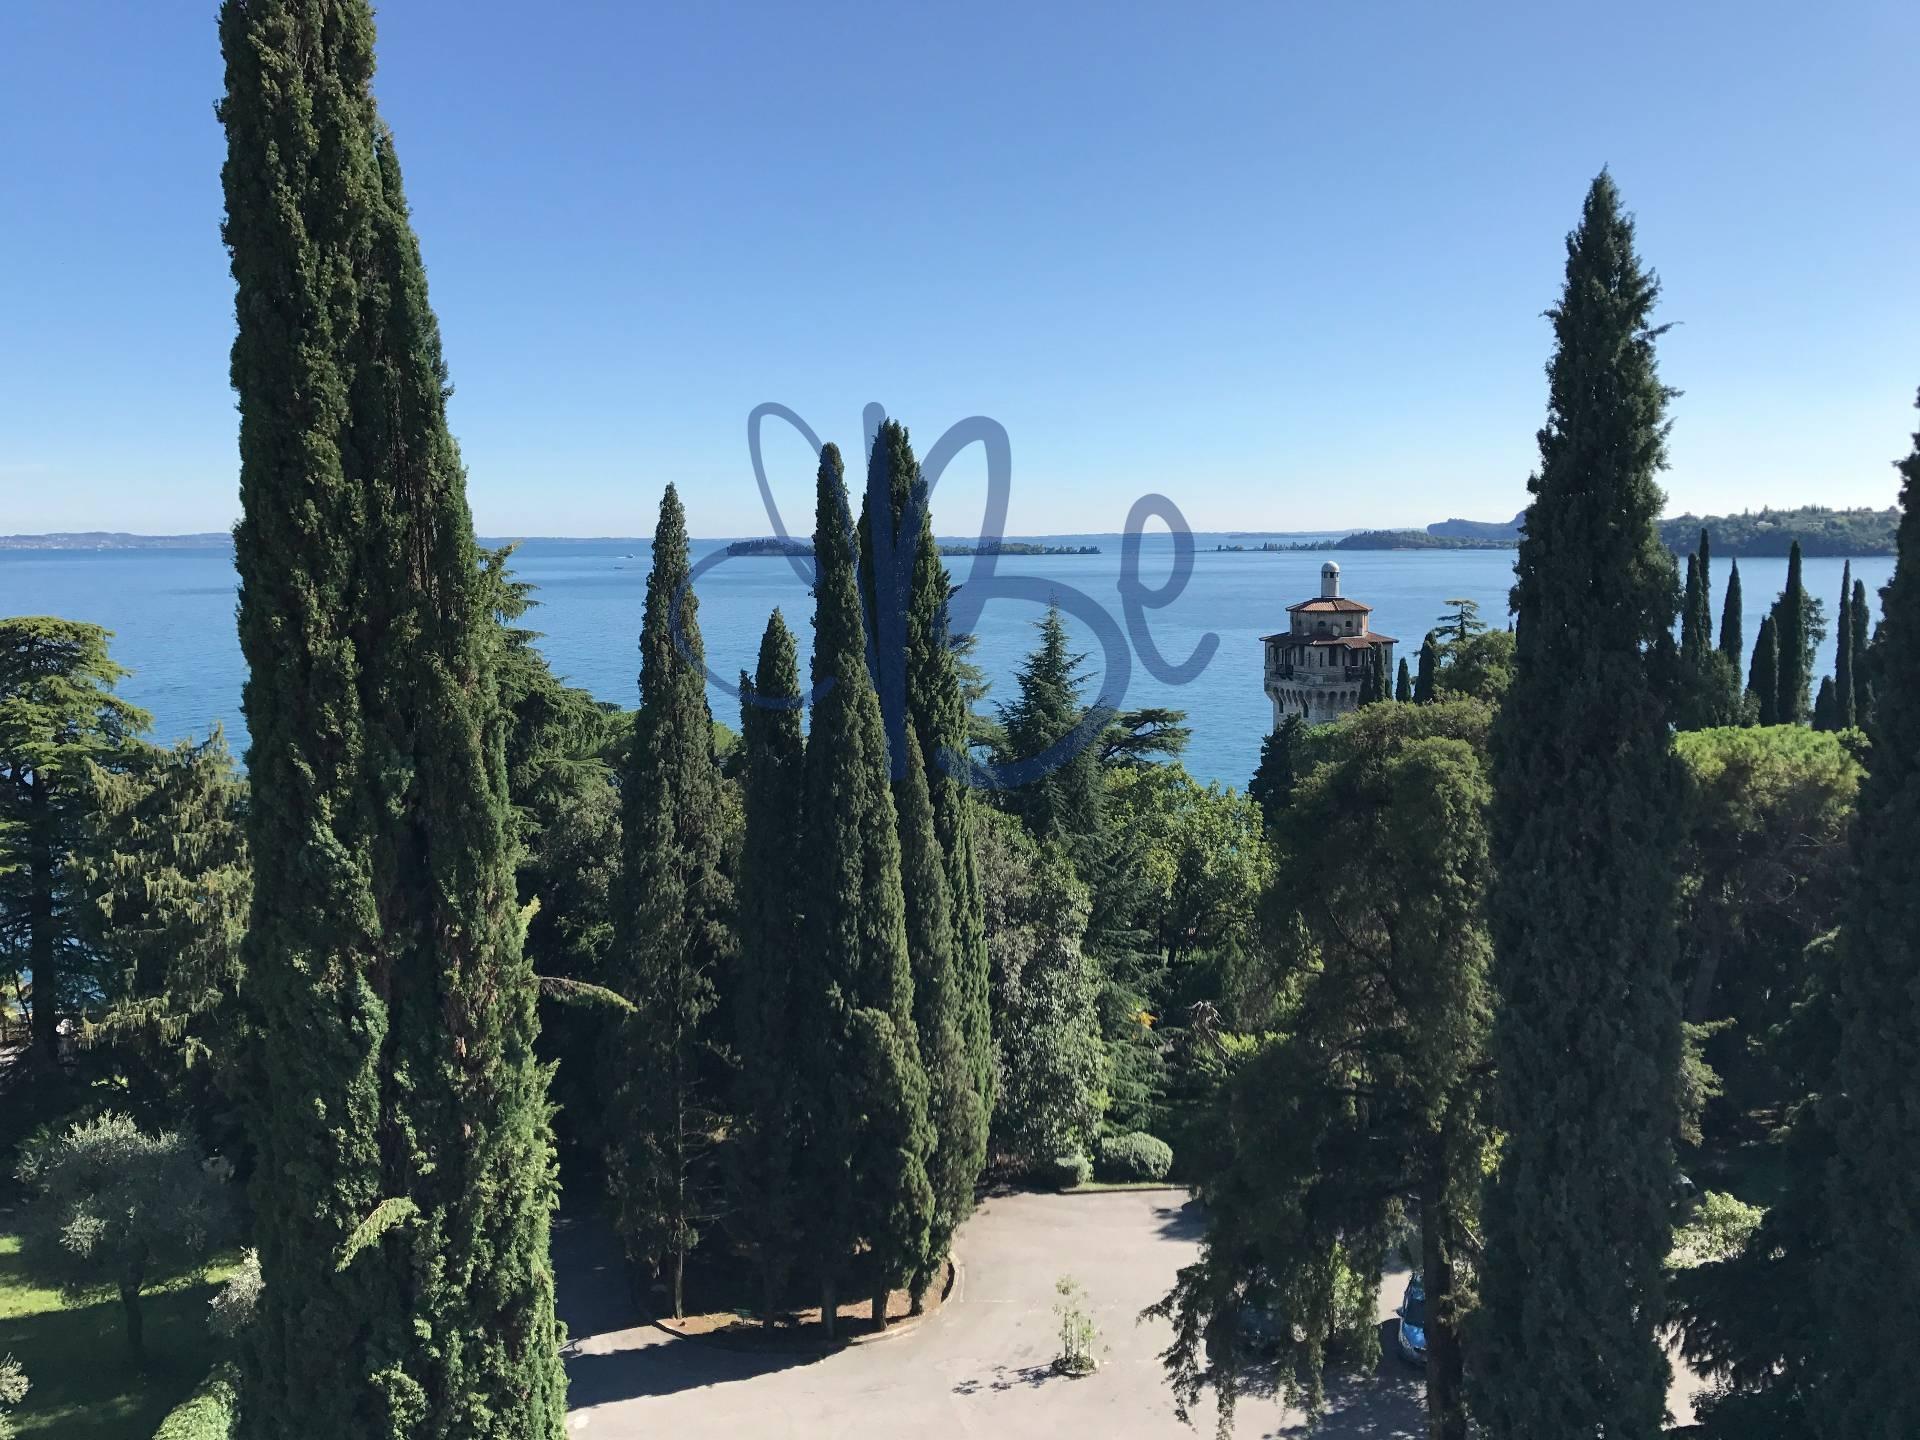 Appartamento in affitto a Gardone Riviera, 1 locali, zona Località: GardoneSotto, prezzo € 450 | CambioCasa.it